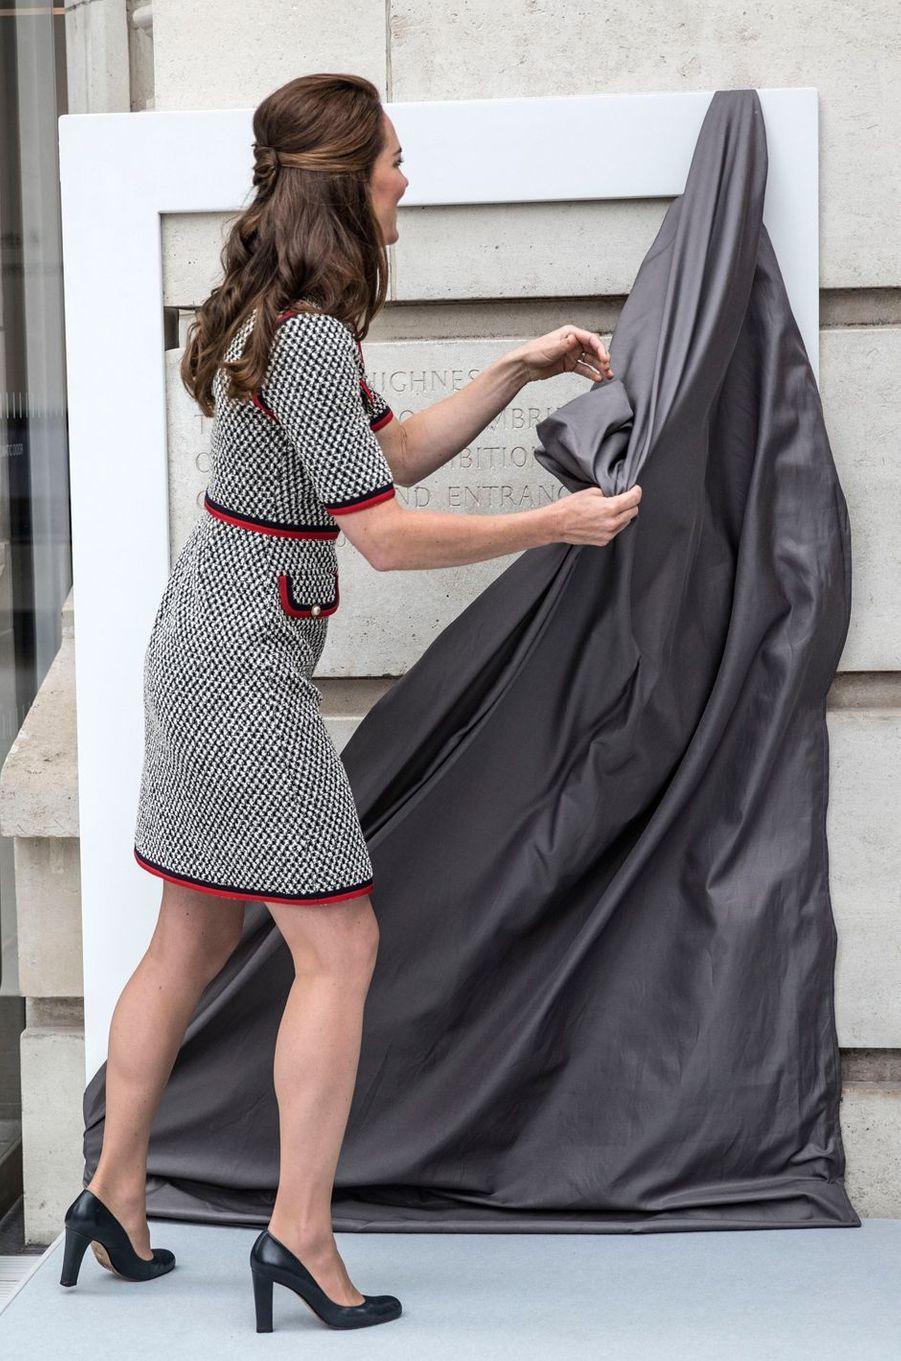 La robe de la duchesse de Cambridge, vue de dos, à Londres le 29 juin 2017